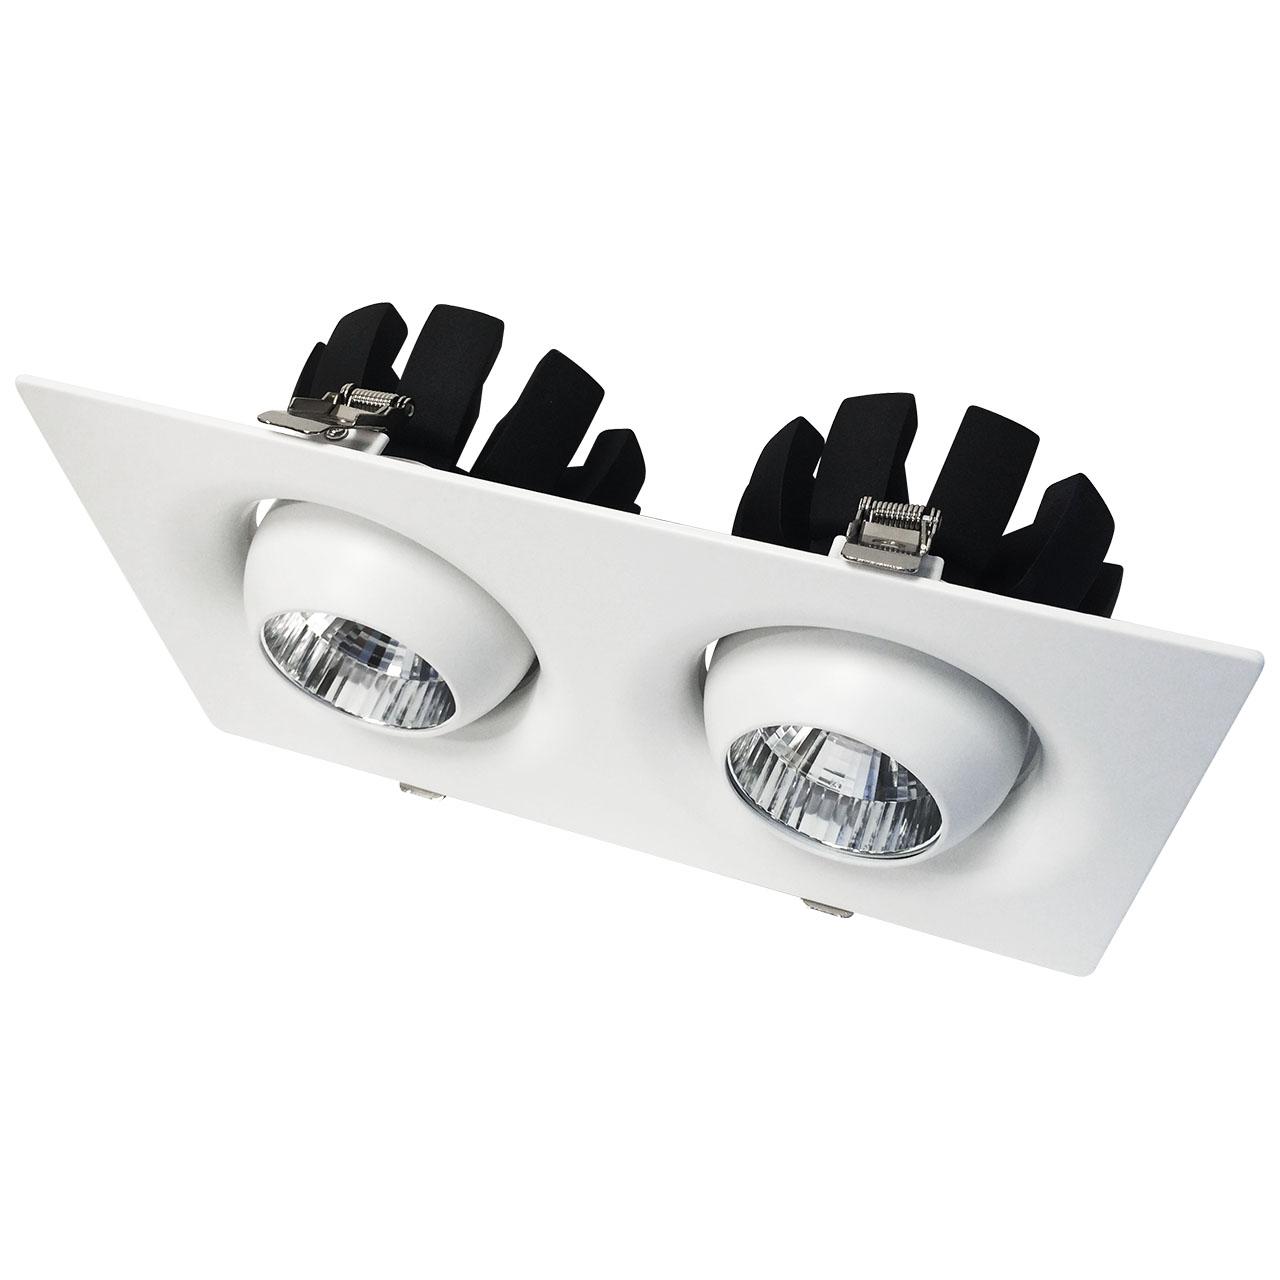 LED Spot Light, LED Ceiling Light, Recessed Light, STAR_S2RT013, Oasistek